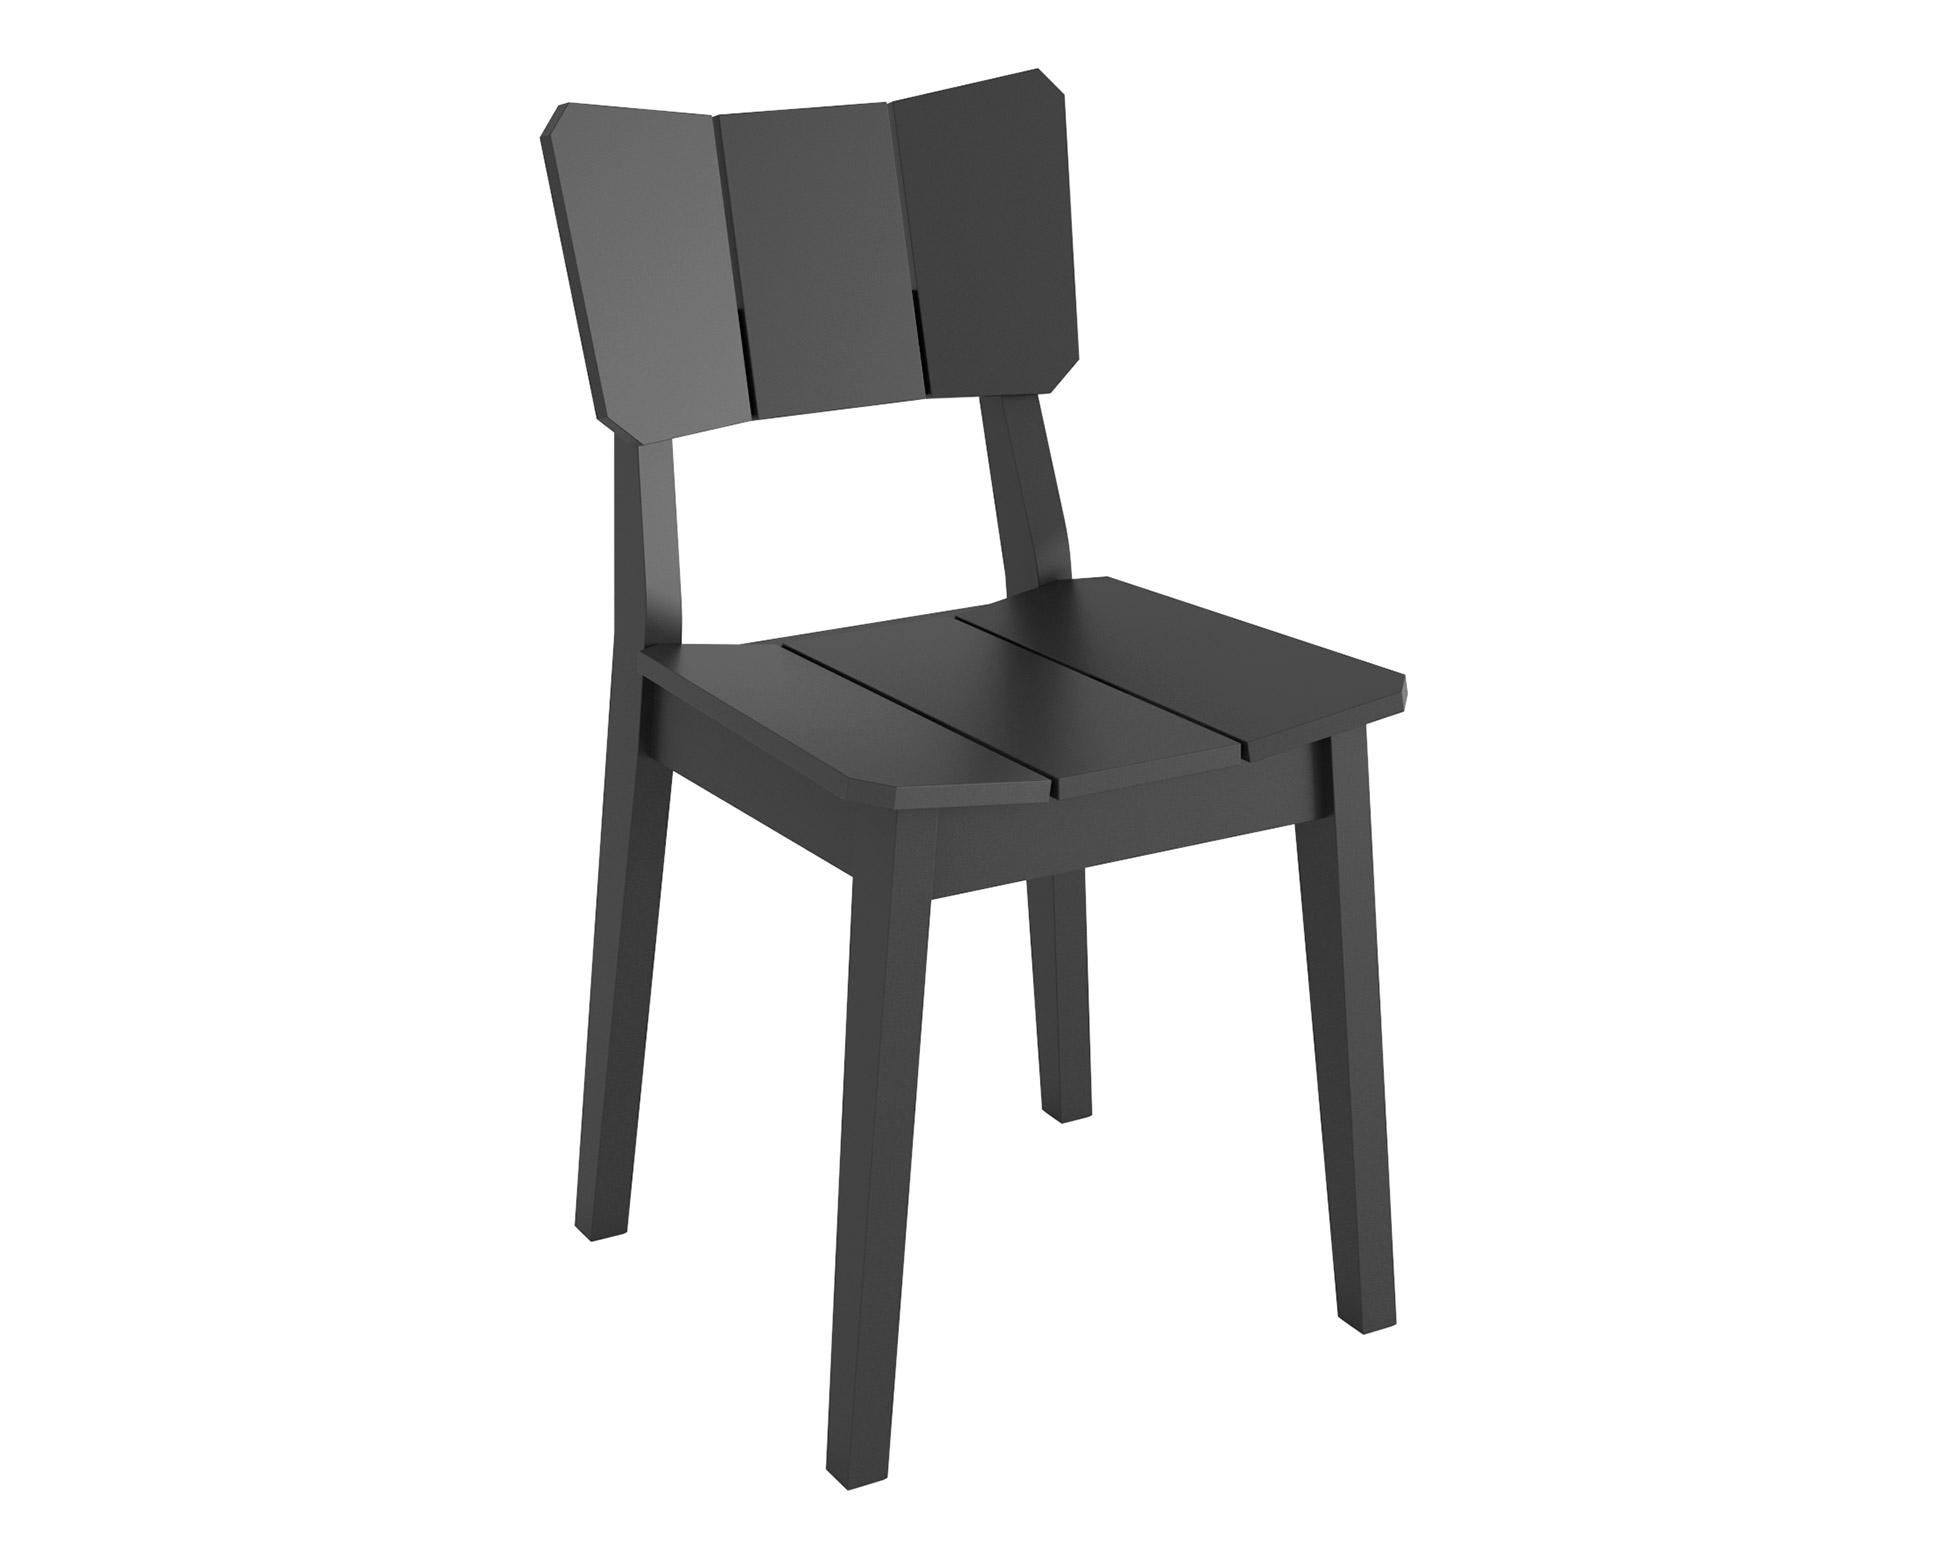 cadeira-uma-grafite